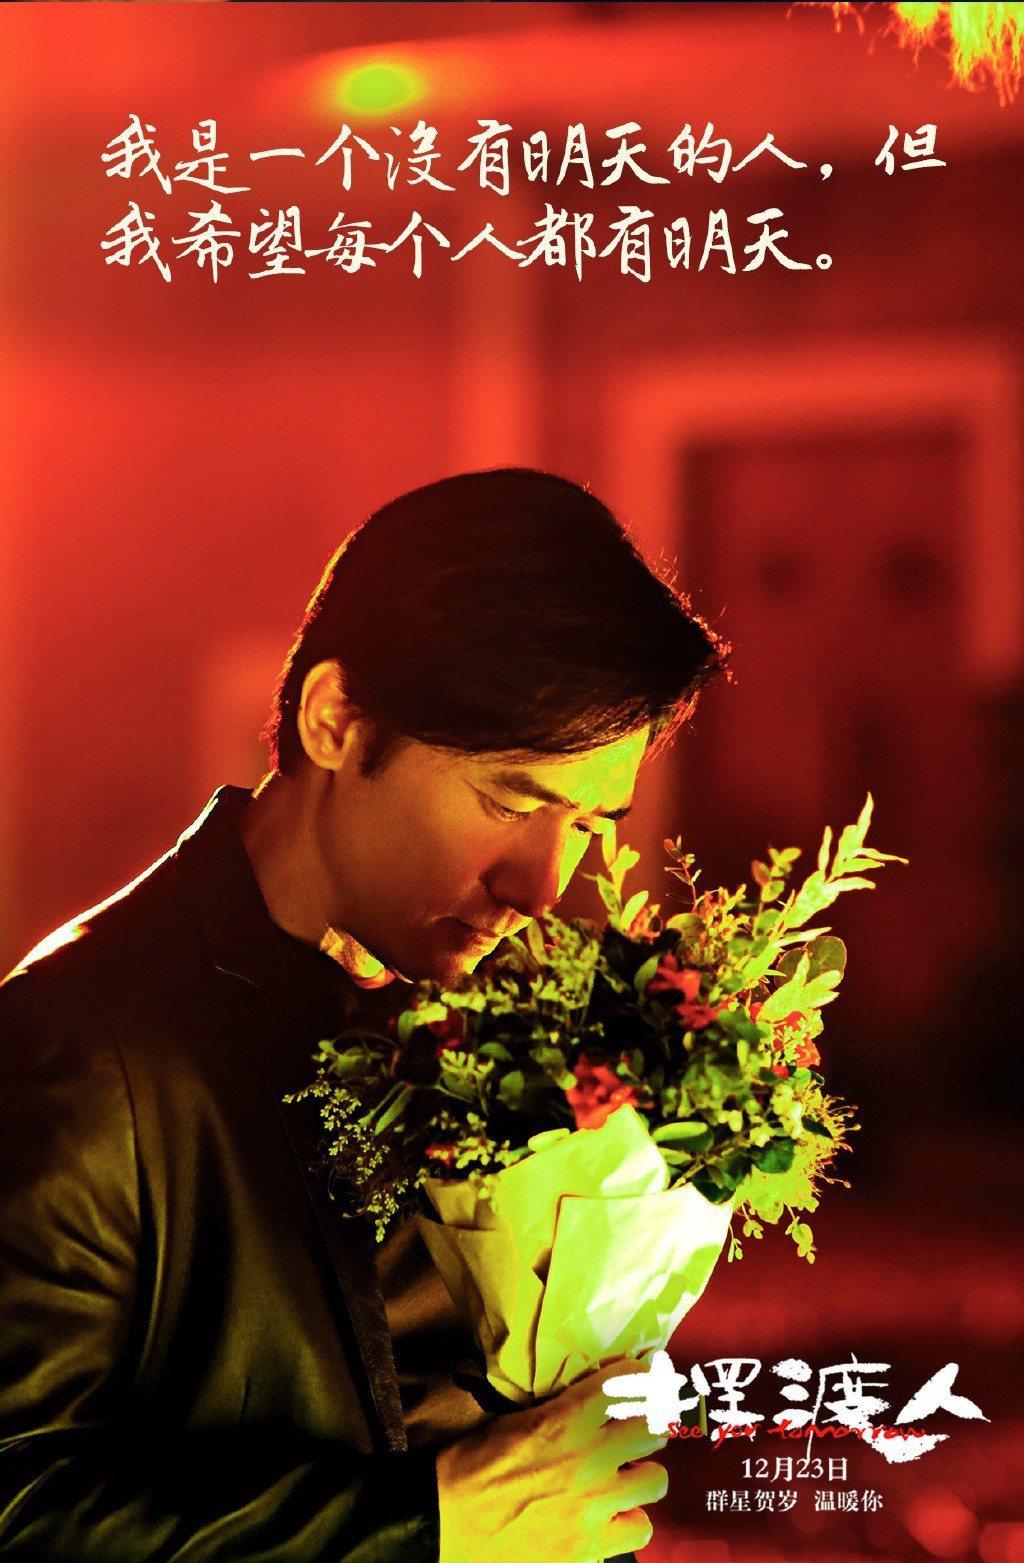 梁朝偉以「擺渡人」上榜「金掃帚獎」「最令人失望男演員」初選名單。圖取自微博